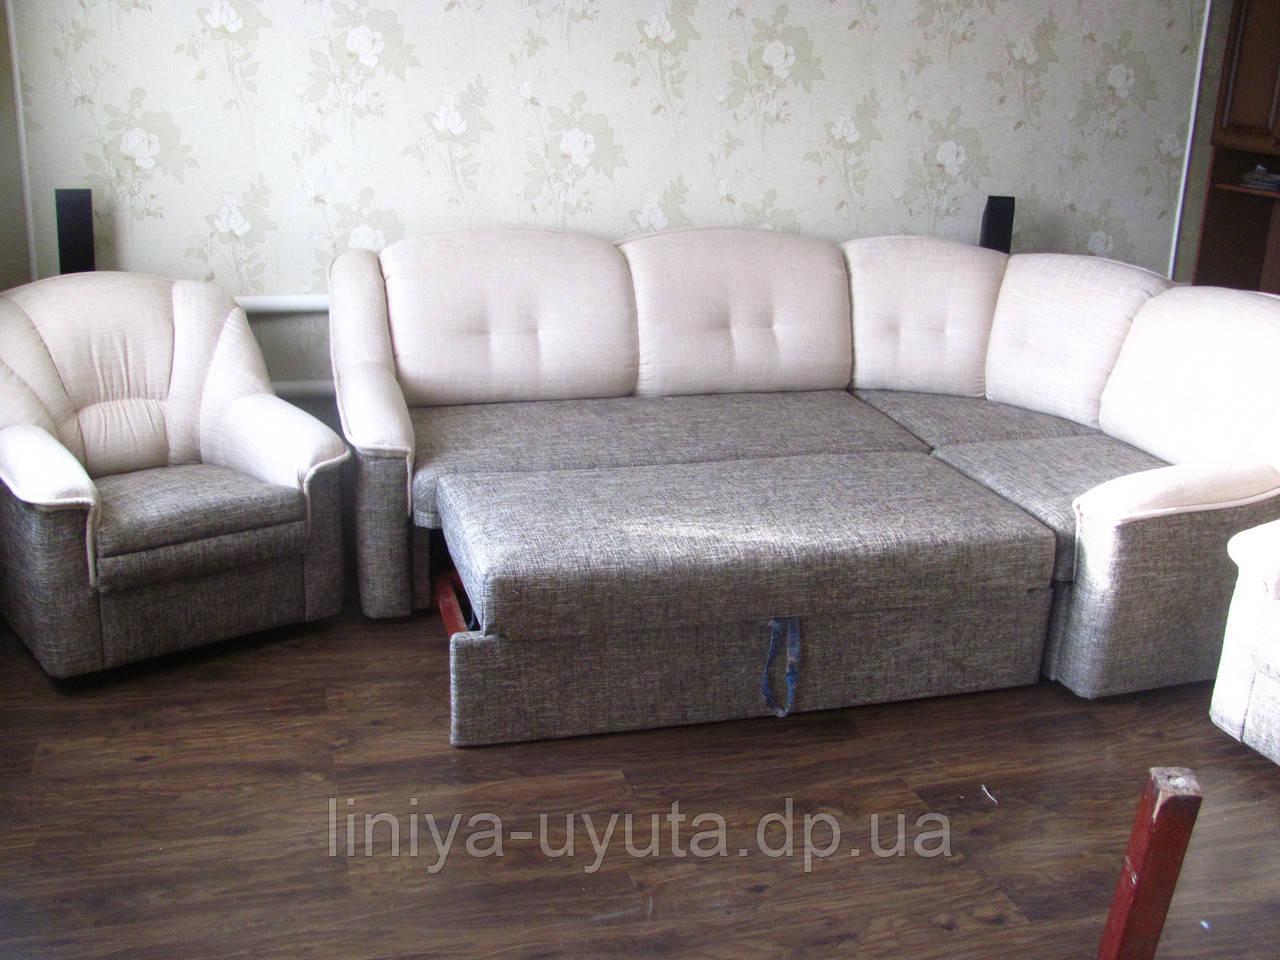 угловой диван орфей цена 7 000 грн заказать в днепре Promua